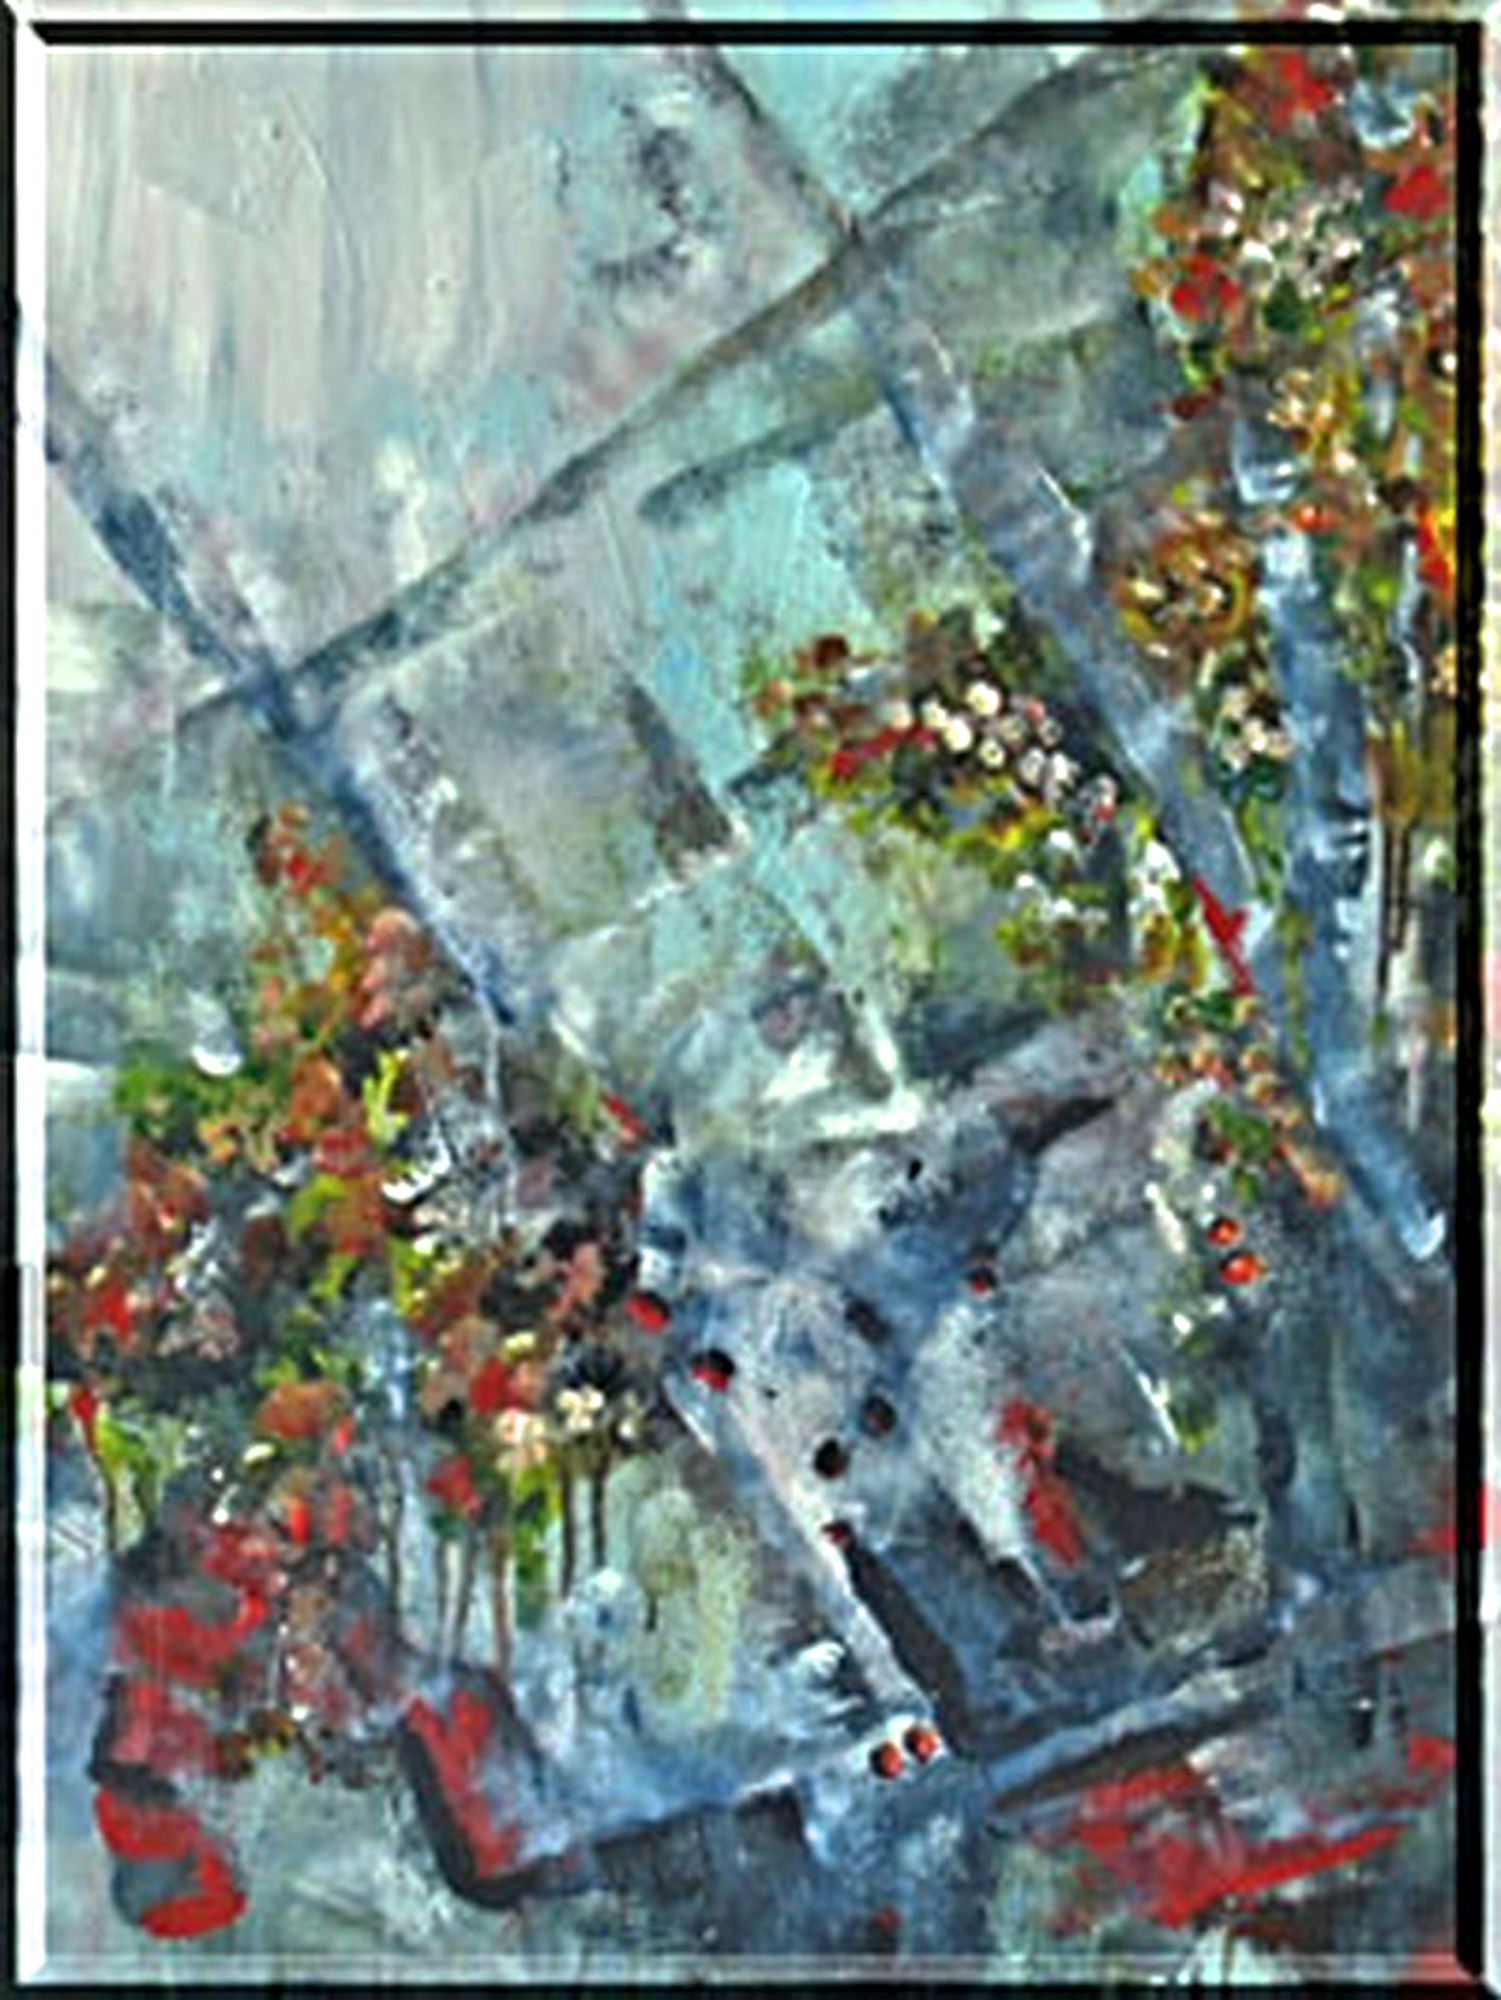 2003 - Blumengitter, 40x50cm, Acryl-Spachteln